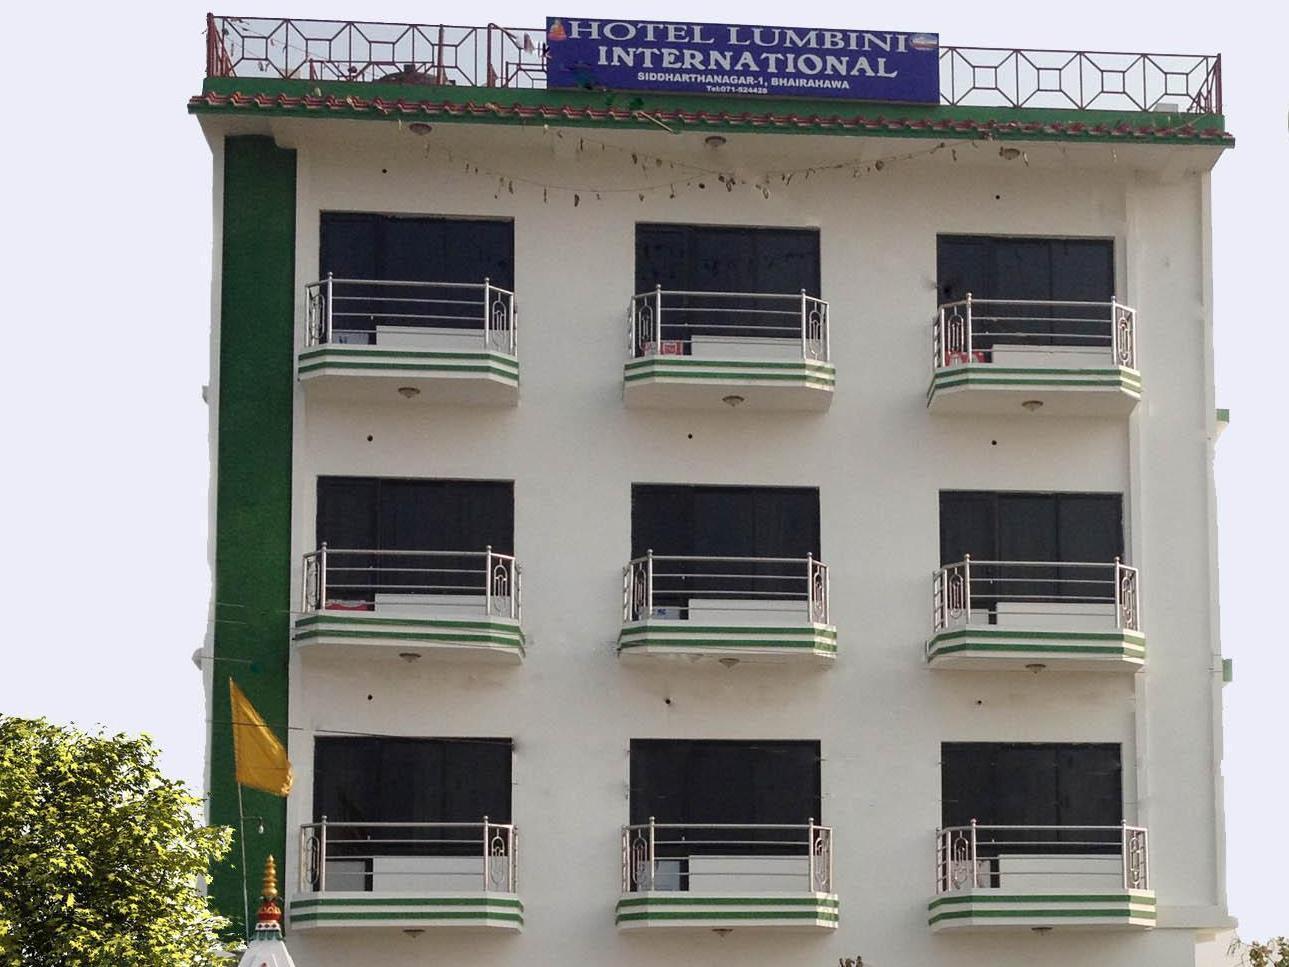 Hotel Lumbini International, Lumbini